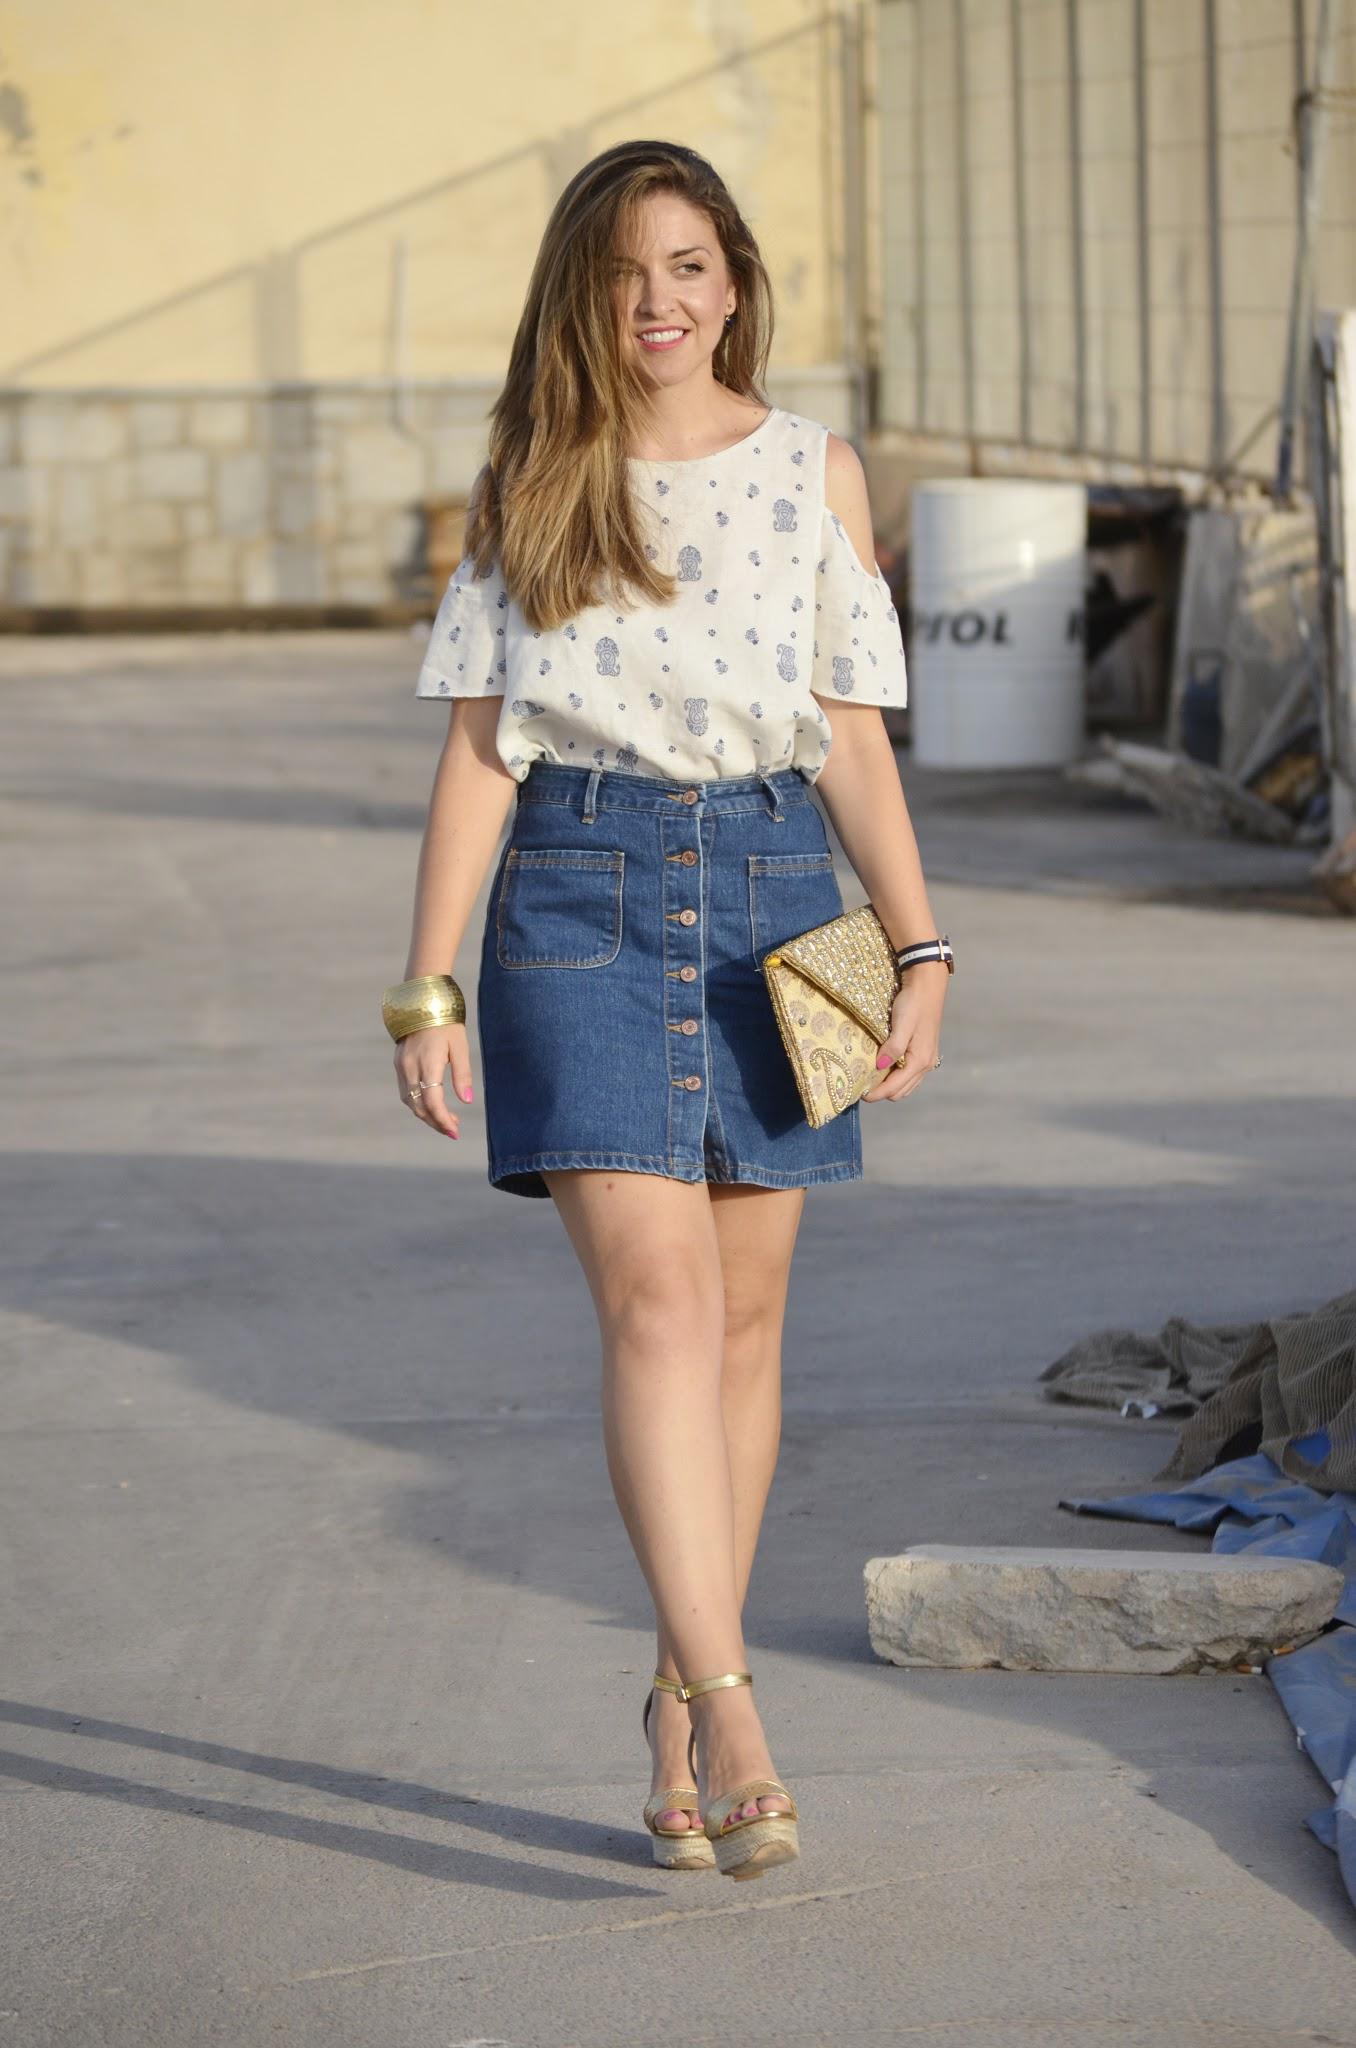 look wearing denim skirt